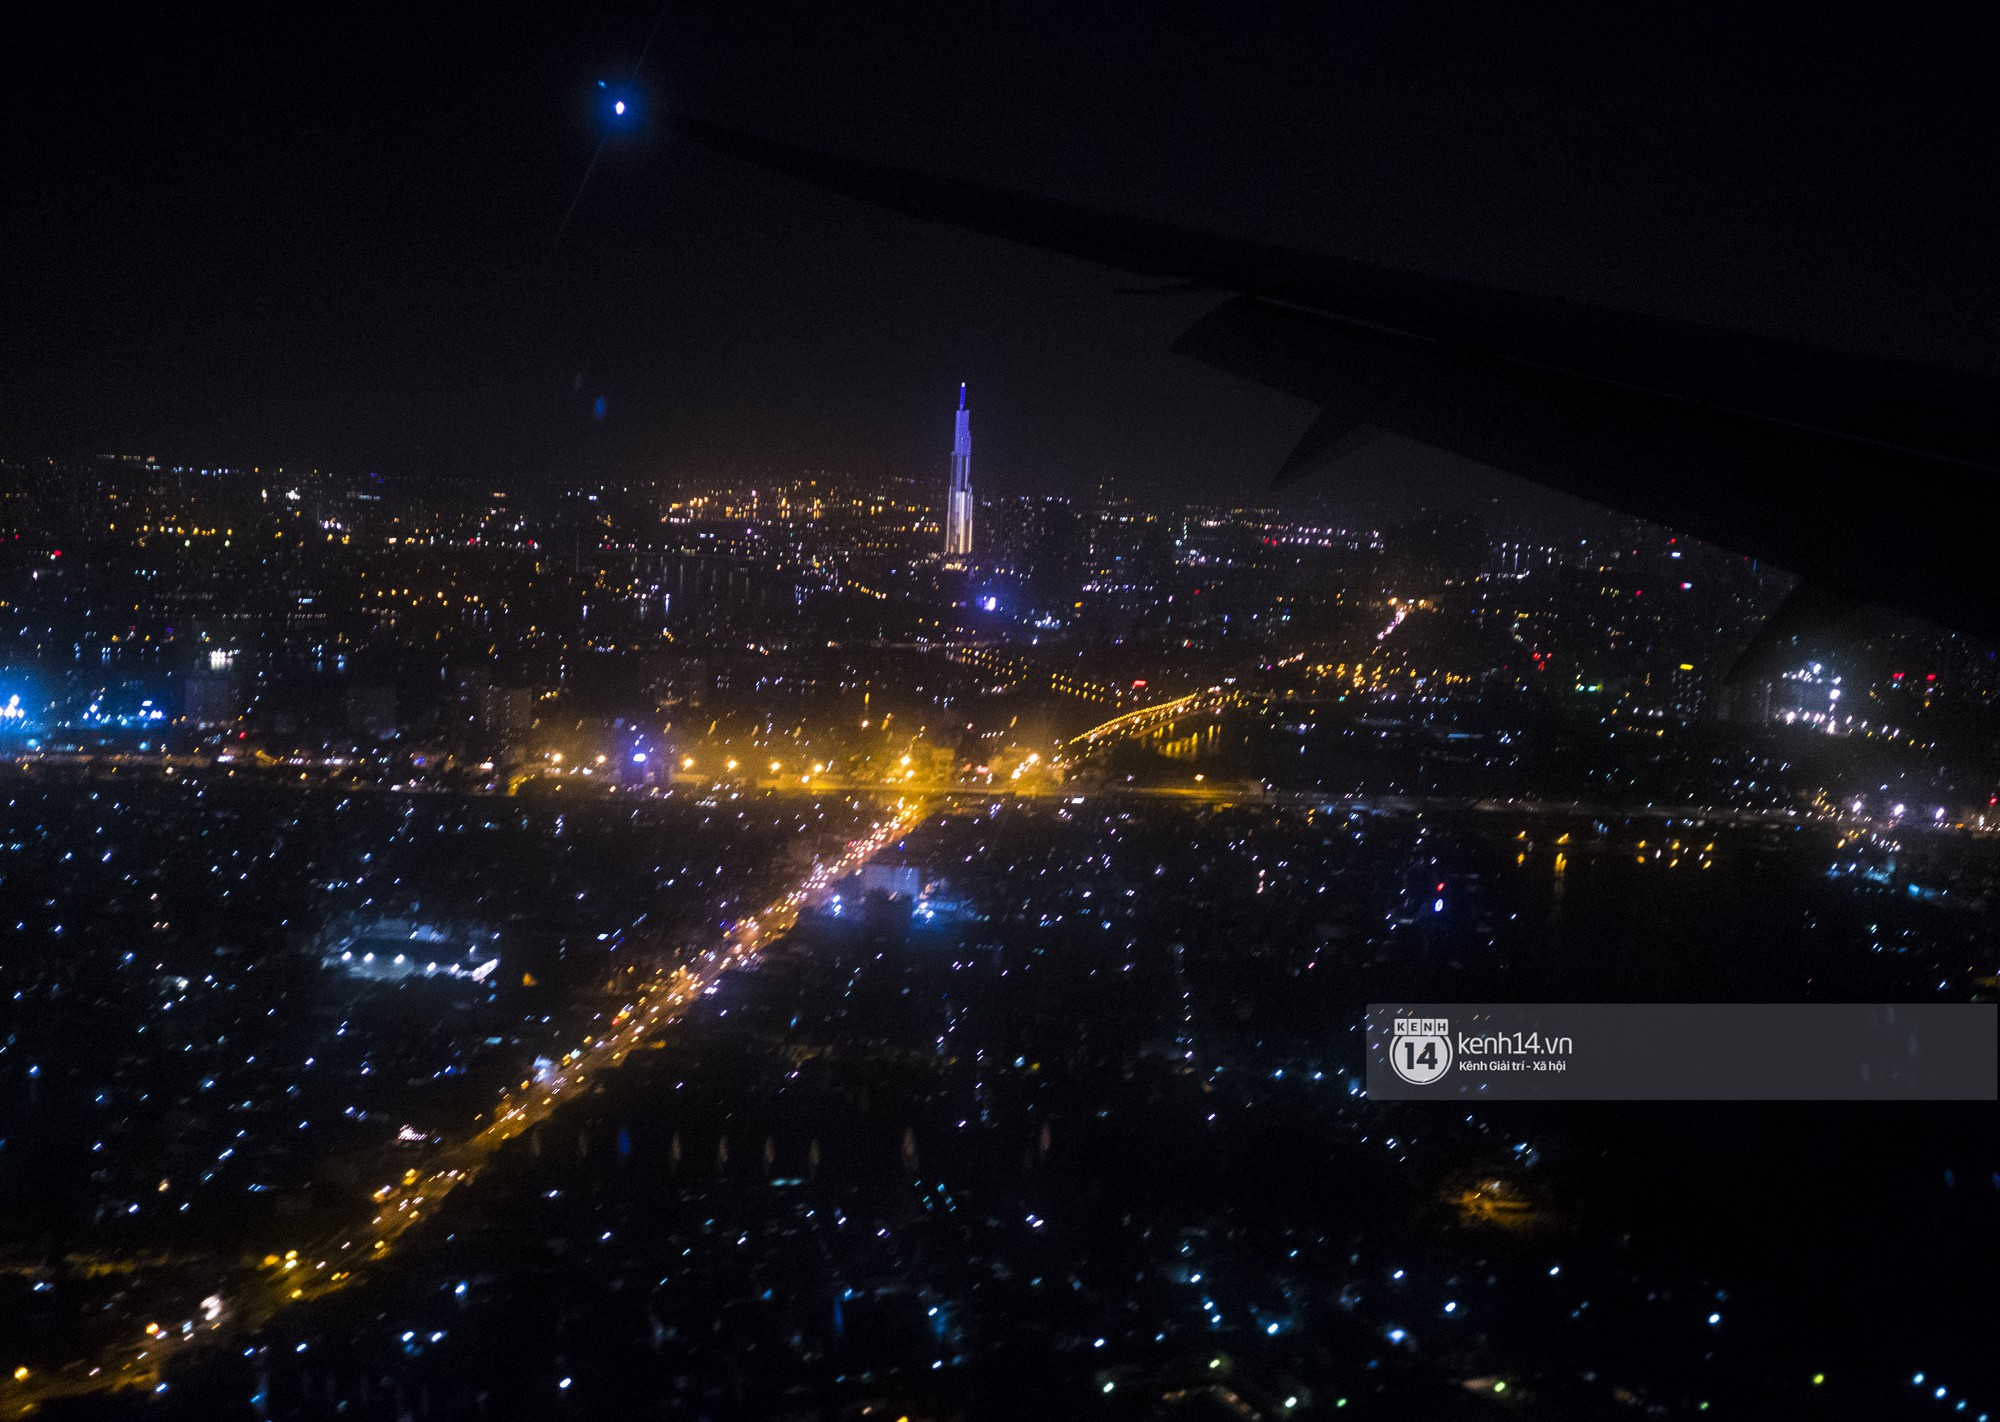 Toàn cảnh Landmark 81 - toà nhà cao nhất Việt Nam ngay trước ngày đi vào hoạt động - Ảnh 11.